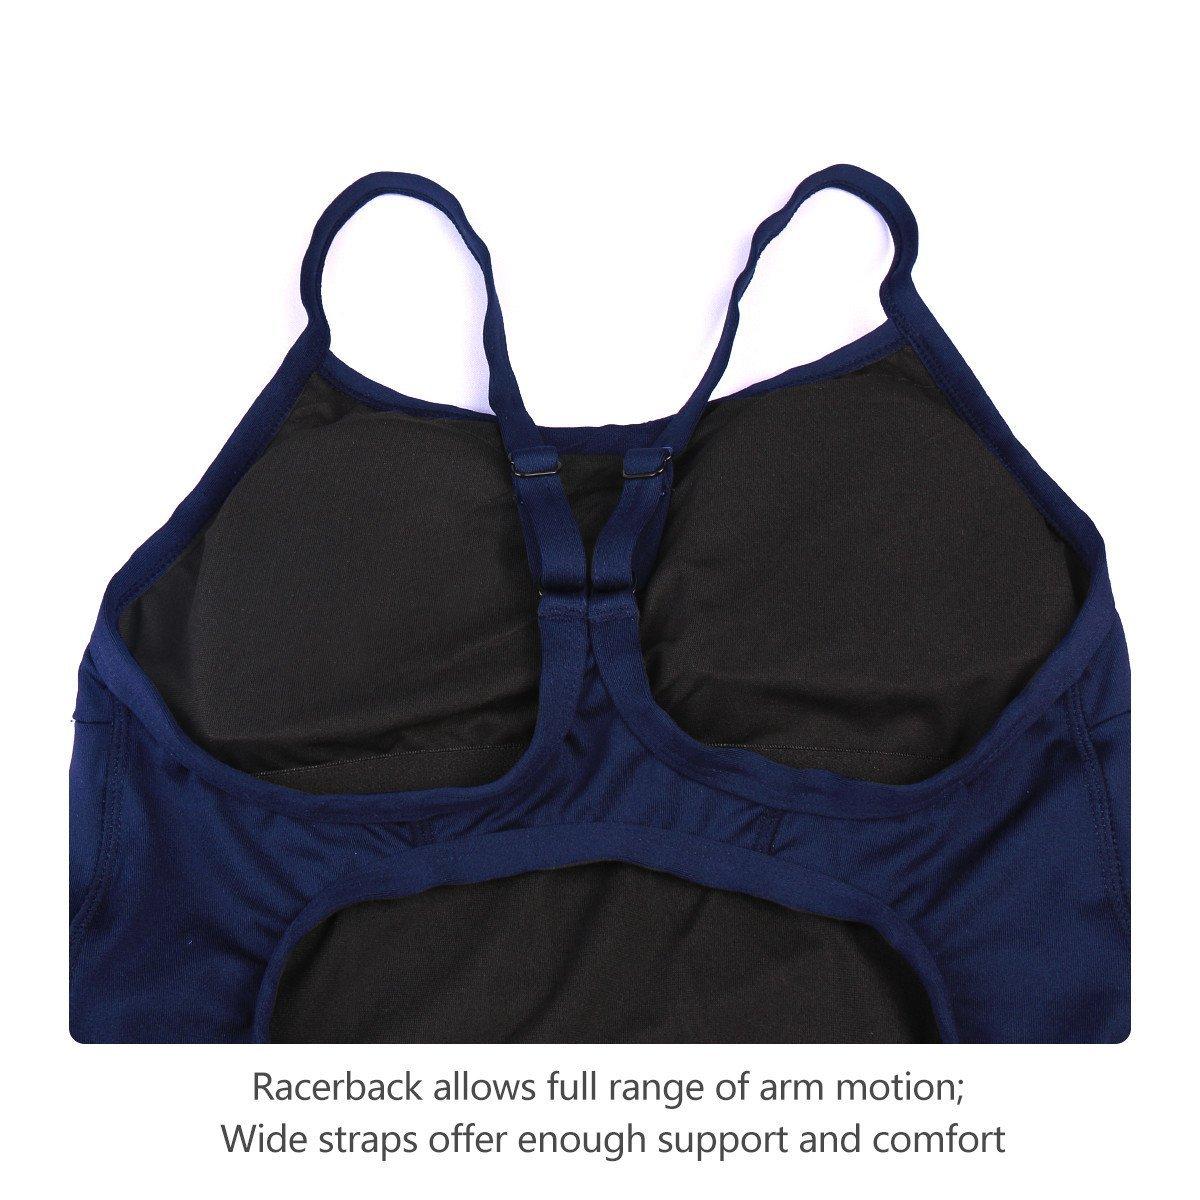 Baleaf Women's Athletic Training Adjustable Strap One Piece Swimsuit Swimwear Bathing Suit Navy Size 38 by Baleaf (Image #5)